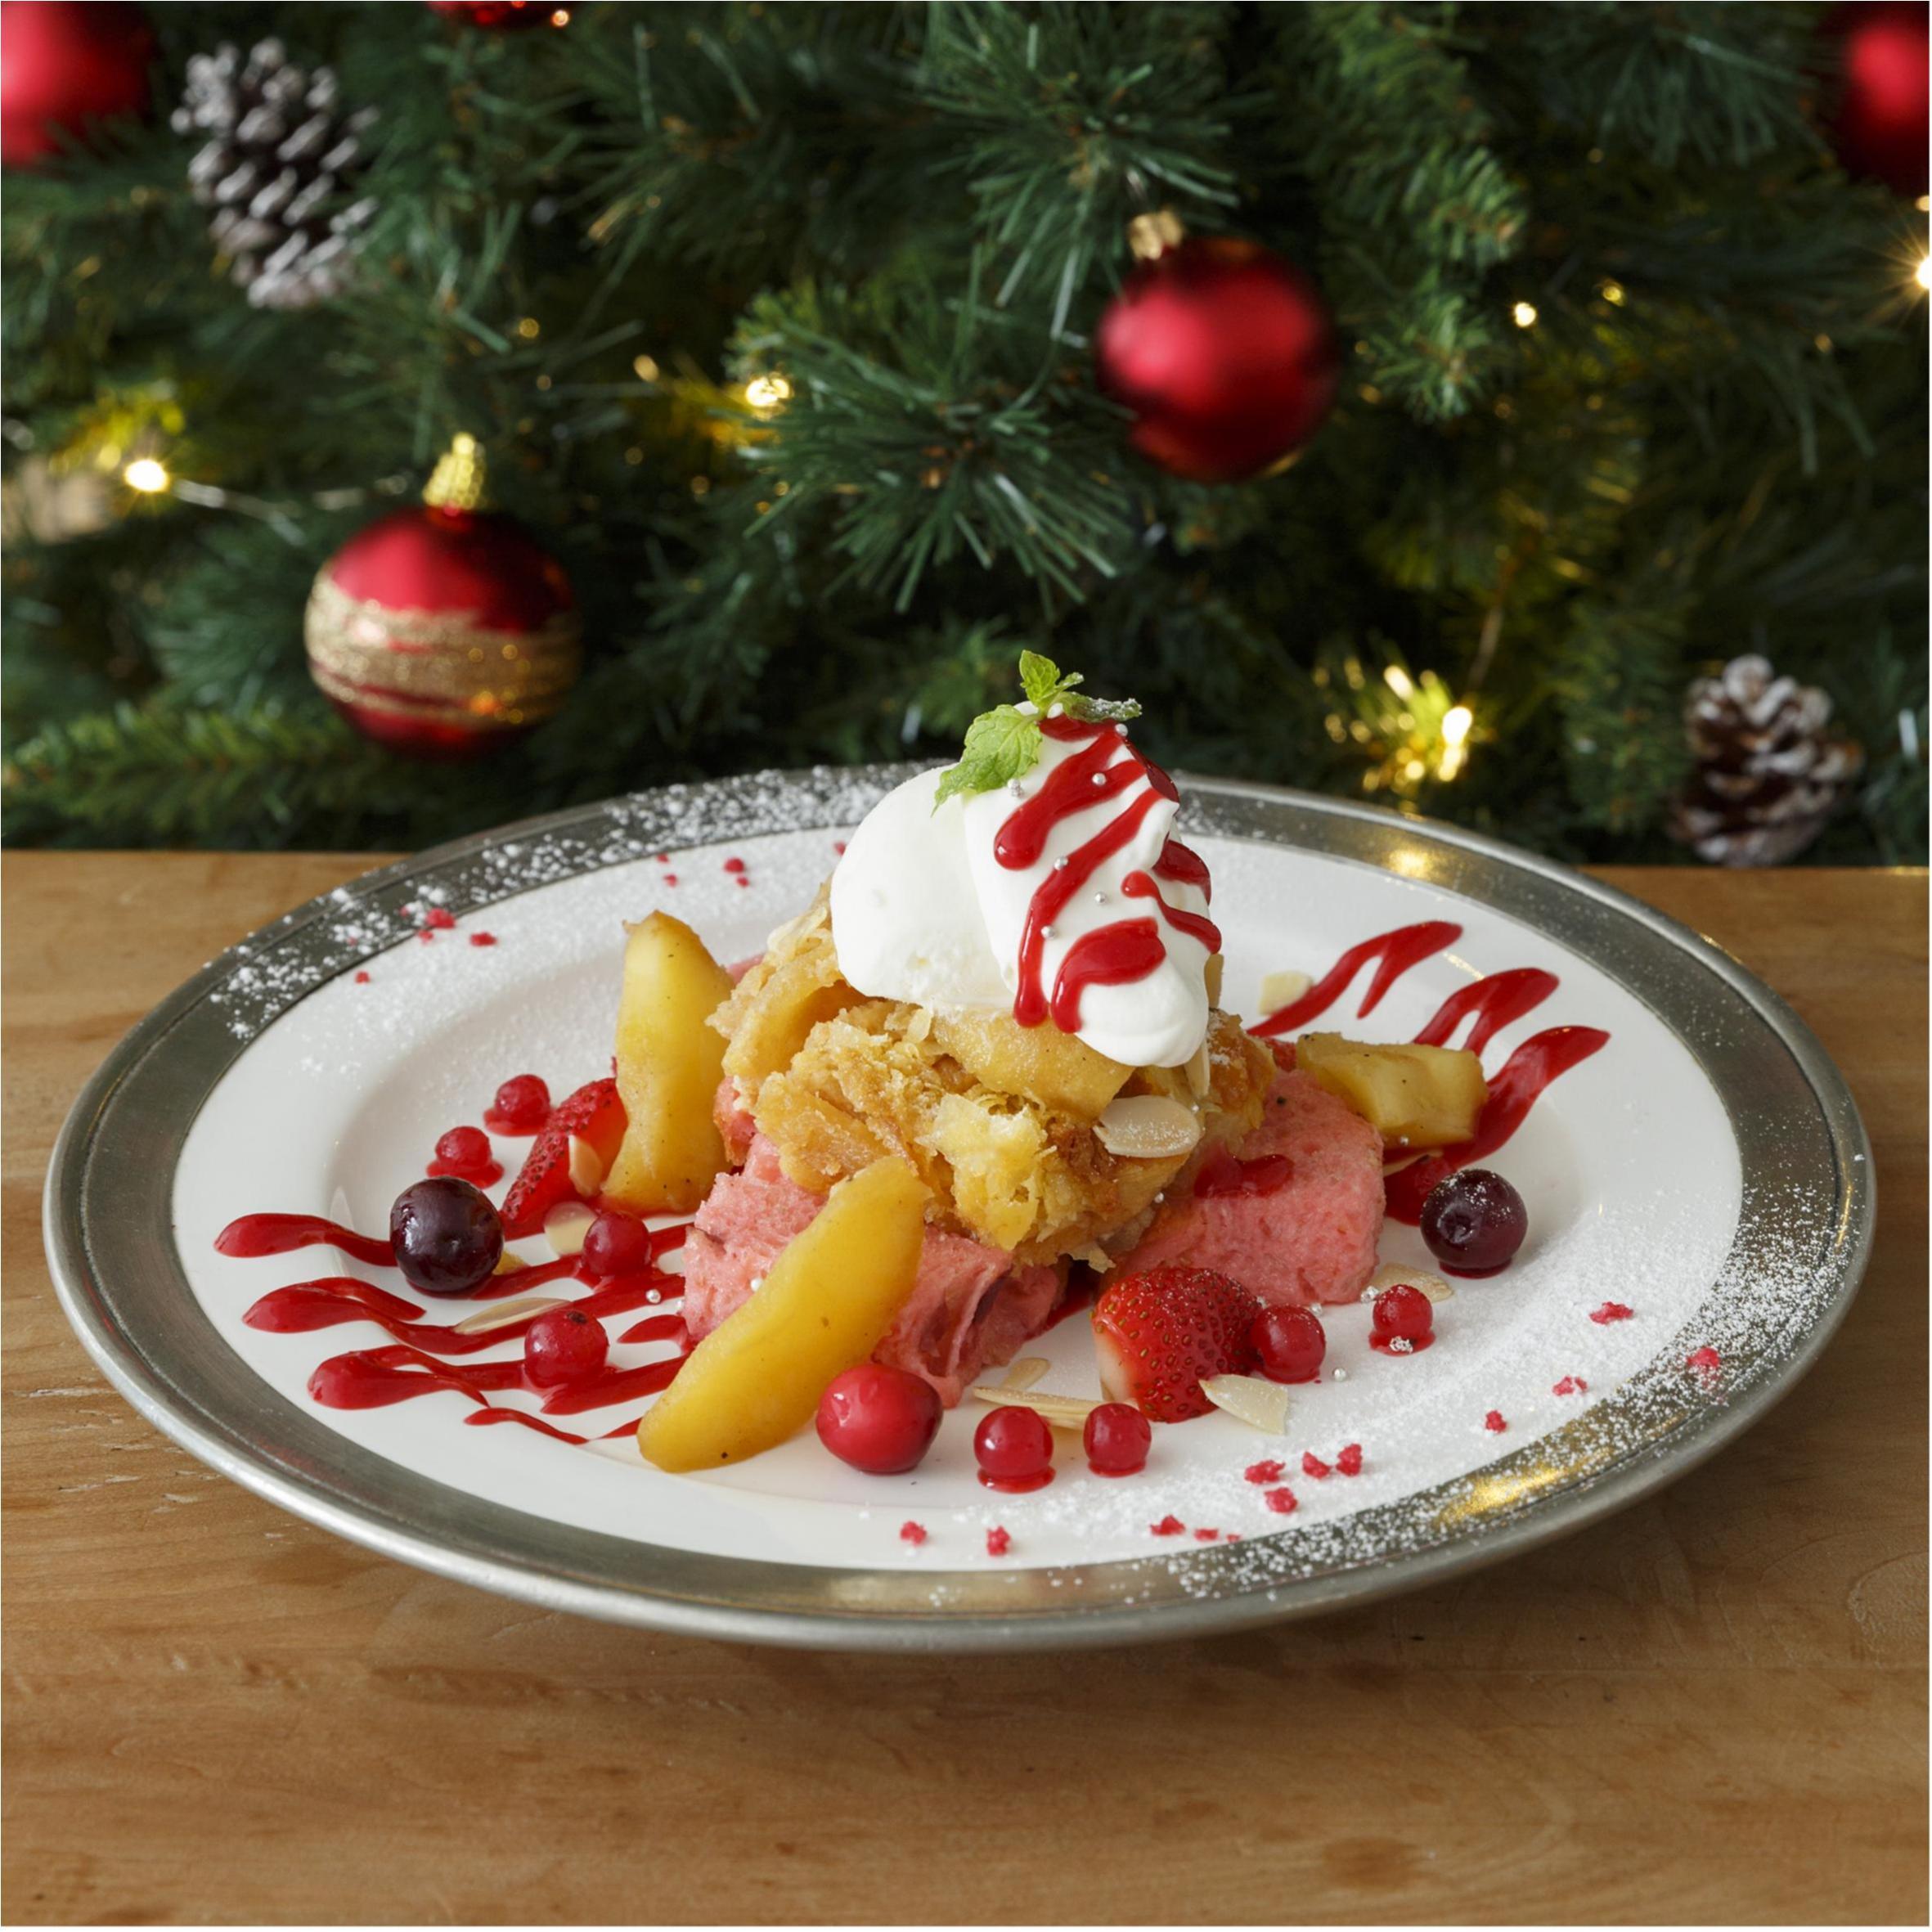 終了間近! 今すぐ食べたいクリスマススイーツまとめ♡_1